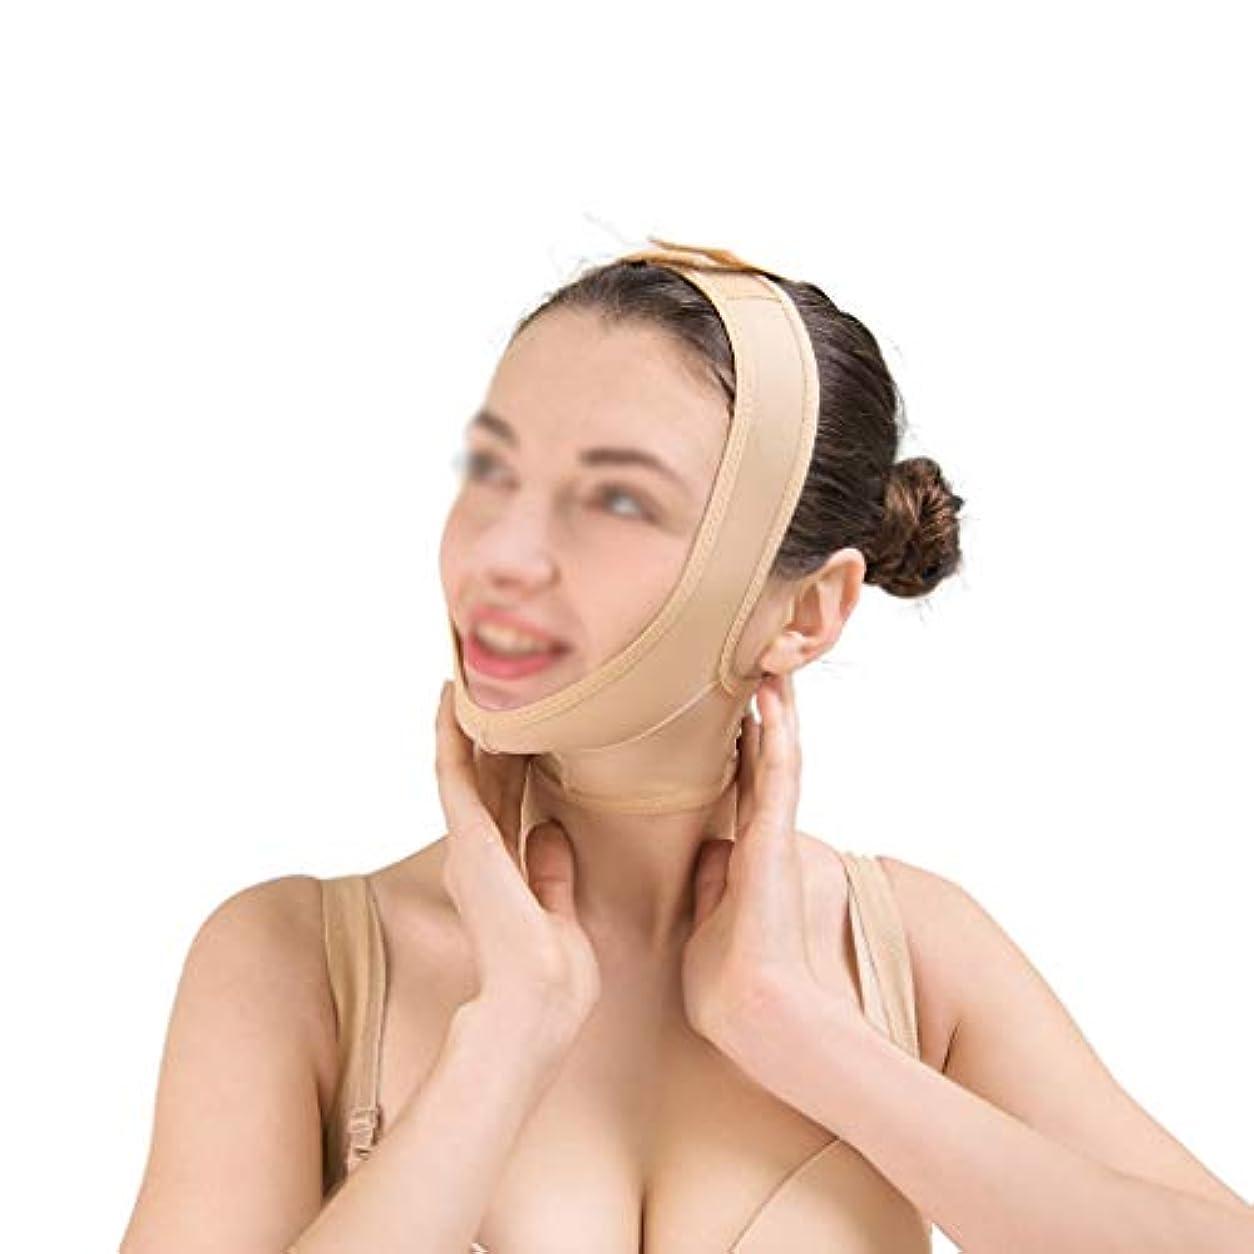 ジェスチャー床すみませんXHLMRMJ 二重あごのストラップ、包帯を持ち上げる、持ち上がると肌の包帯を引き締める、通気性のフェイスマスク、快適で通気性のある顔の持ち上がるマスク (Size : XL)